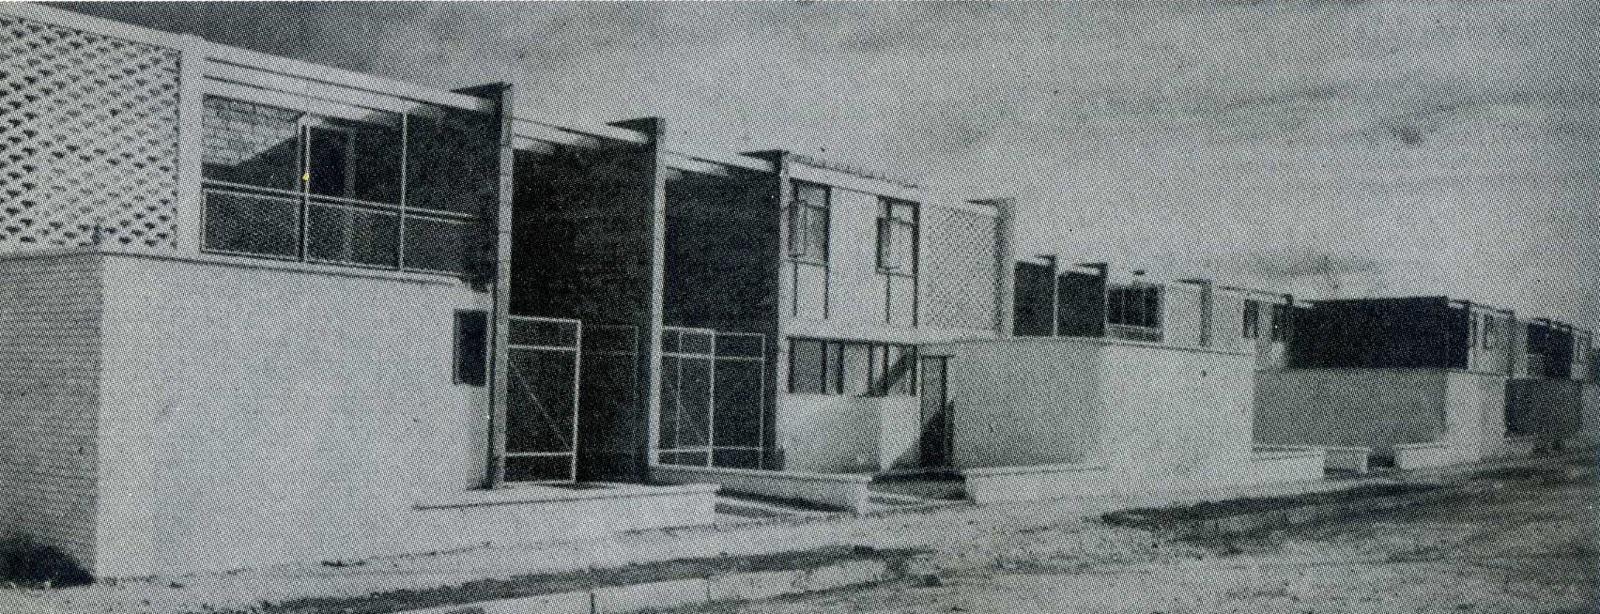 Historia de la arquitectura moderna barrio los alc zares for Historia de la arquitectura moderna